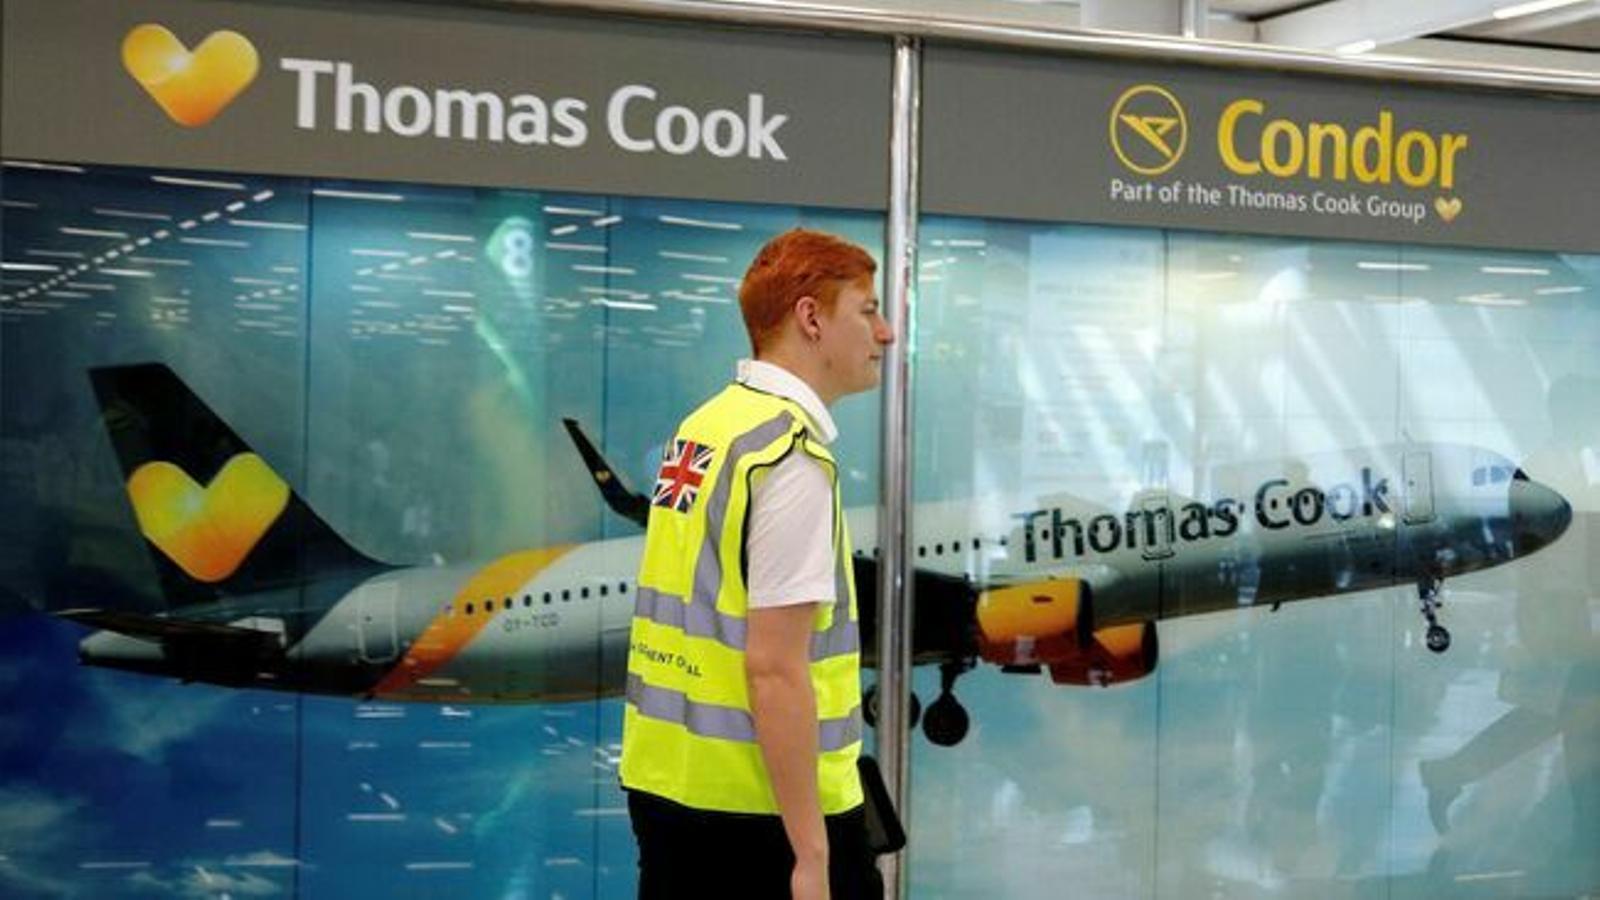 Condor segueix amb la seva operativa habitual tot i la fallida de Thomas Cook